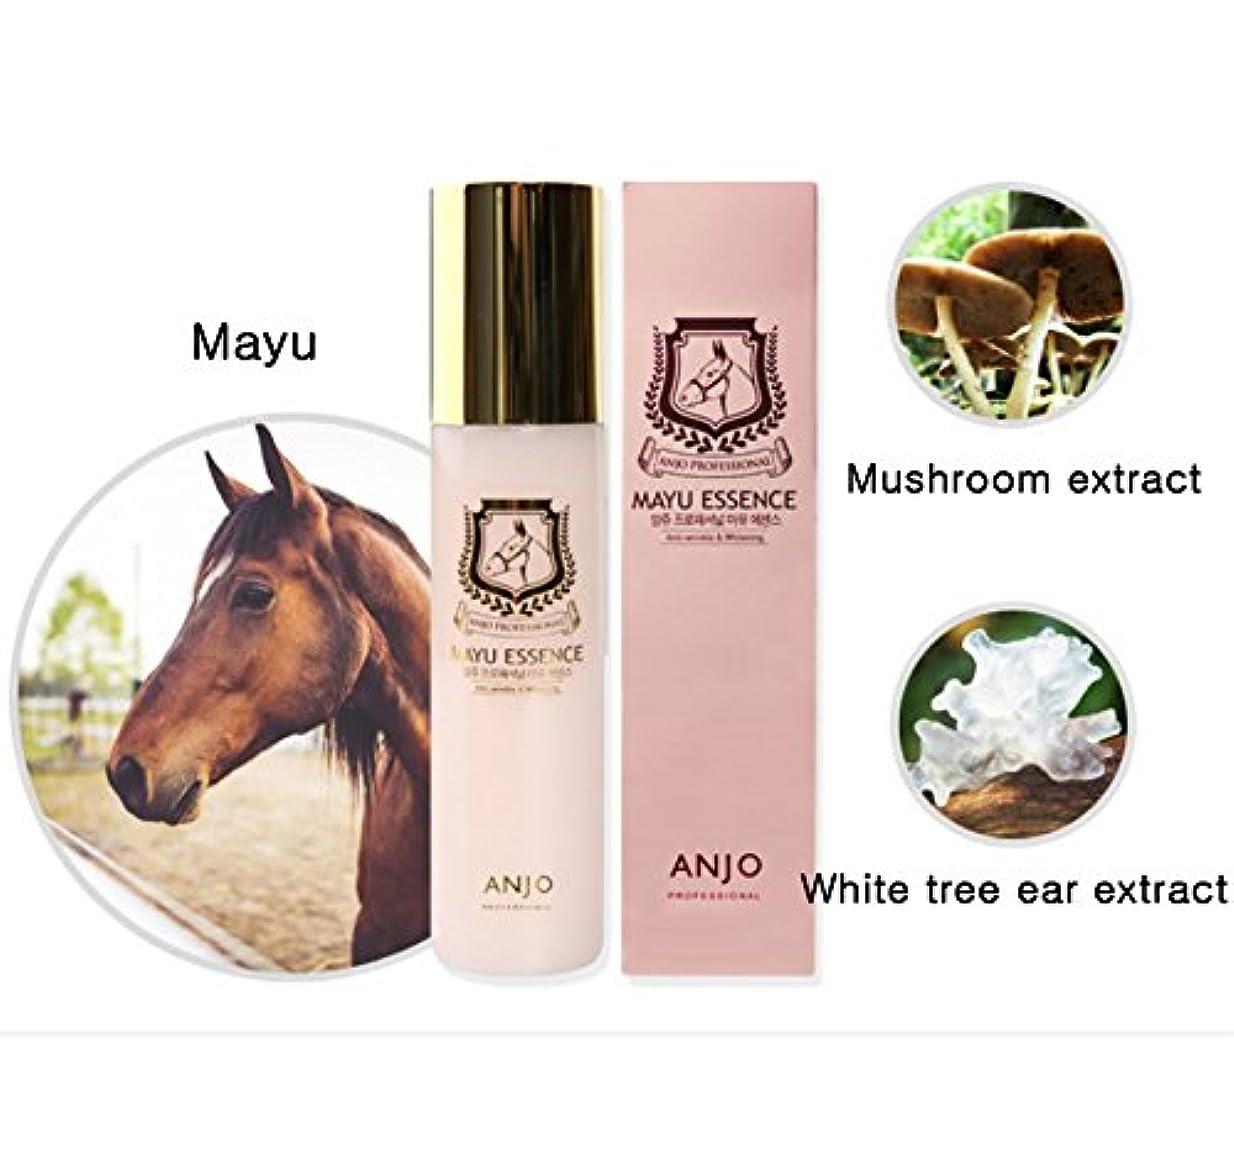 文字る遊具[ANJO] 済州ホースオイルエッセンス150ml /ホワイトニング、保湿、スキンケア / Jeju Horse Oil Essence 150ml / Whitening, Moisturizing, Skin improvement...